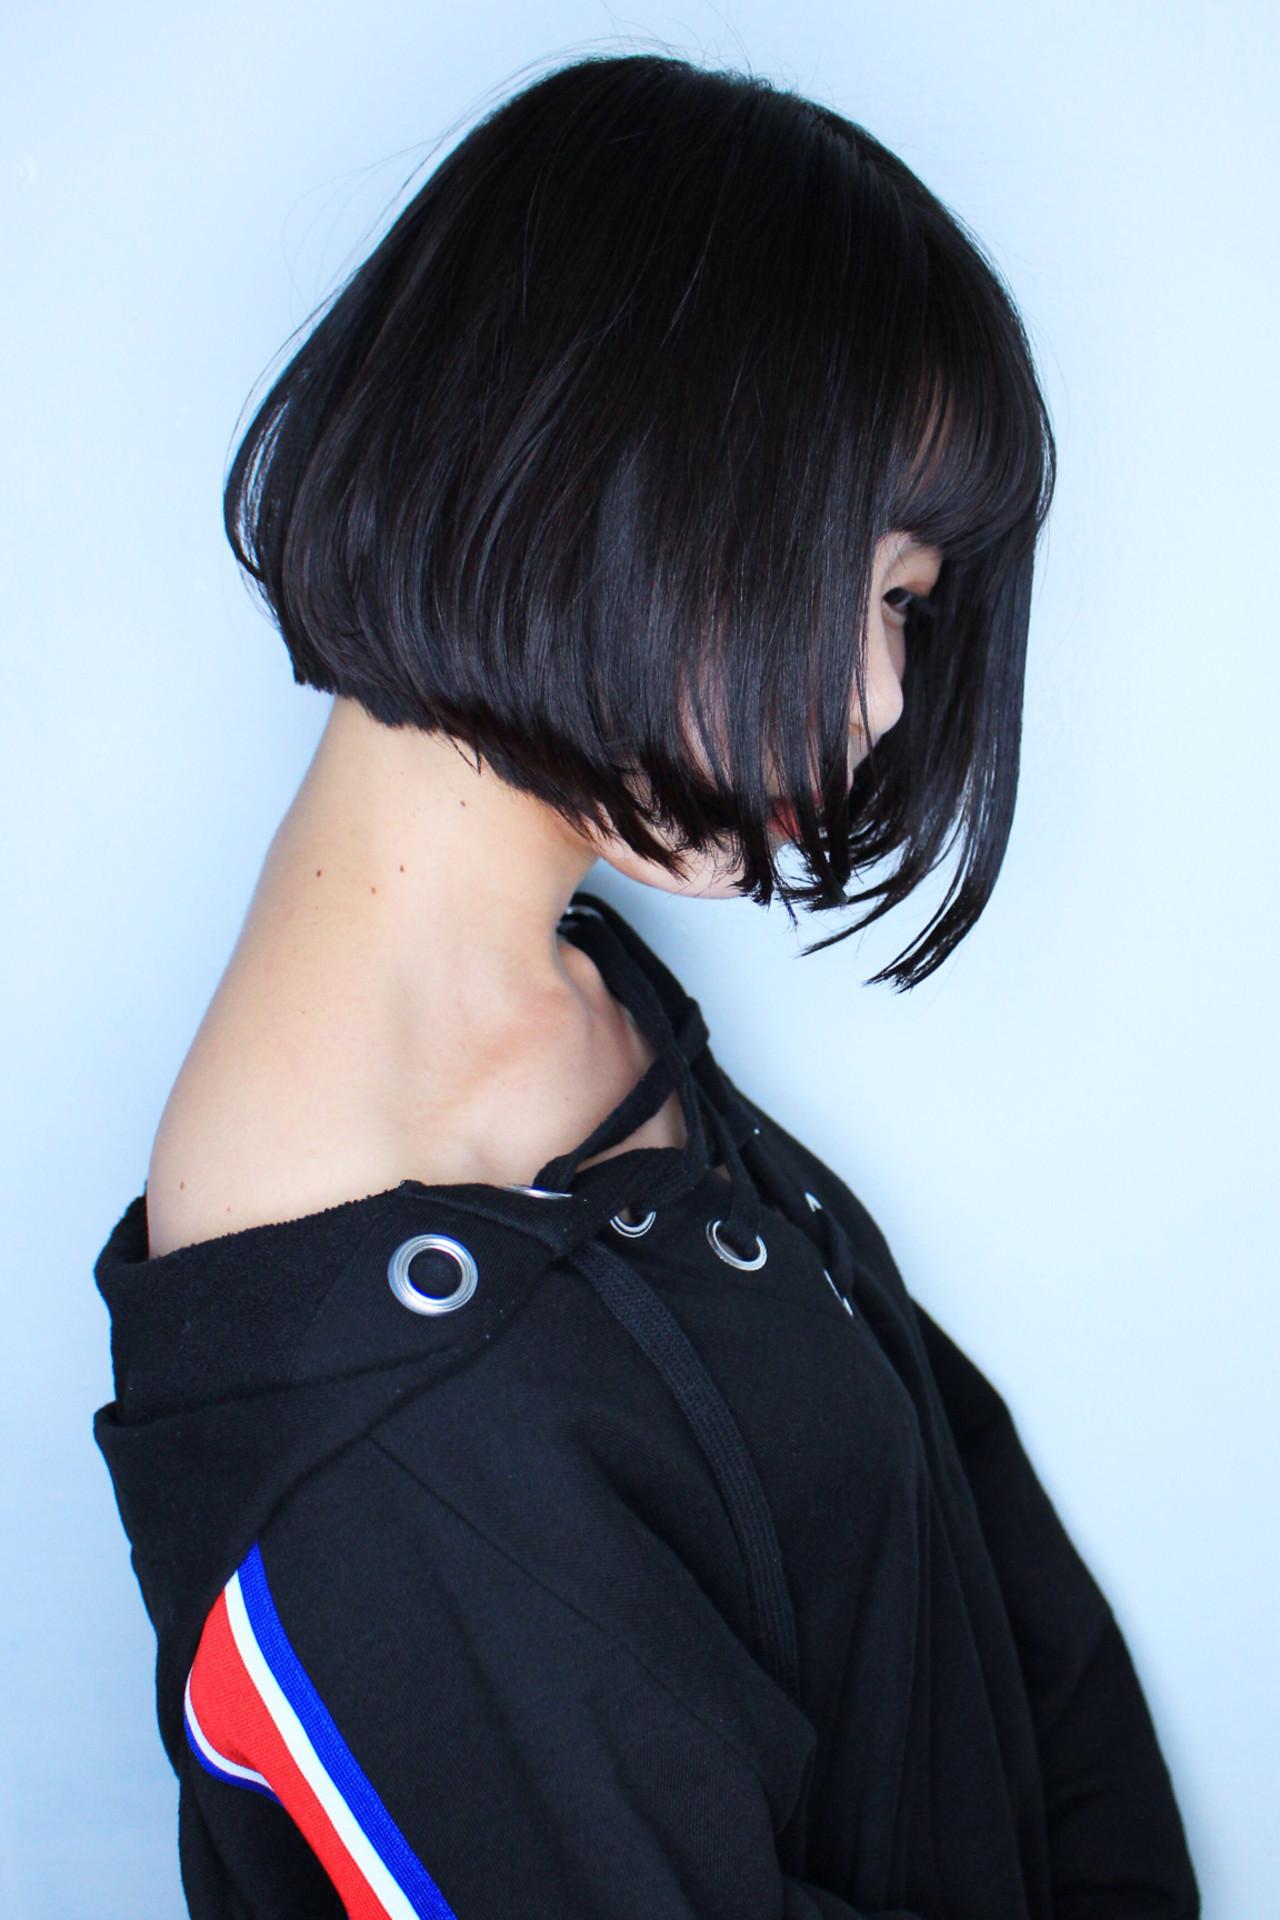 黒髪 ナチュラル ボブ ショートボブ ヘアスタイルや髪型の写真・画像